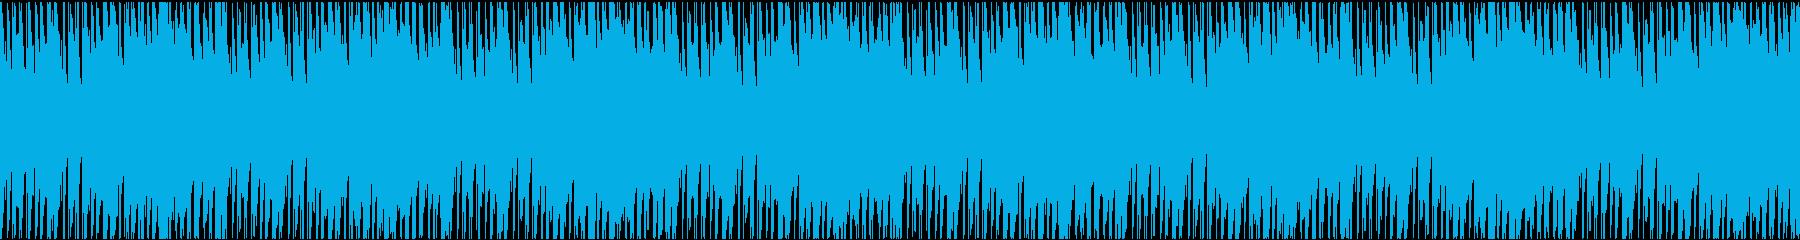 企業PR_ウクレレ_口笛メロ有りLoopの再生済みの波形